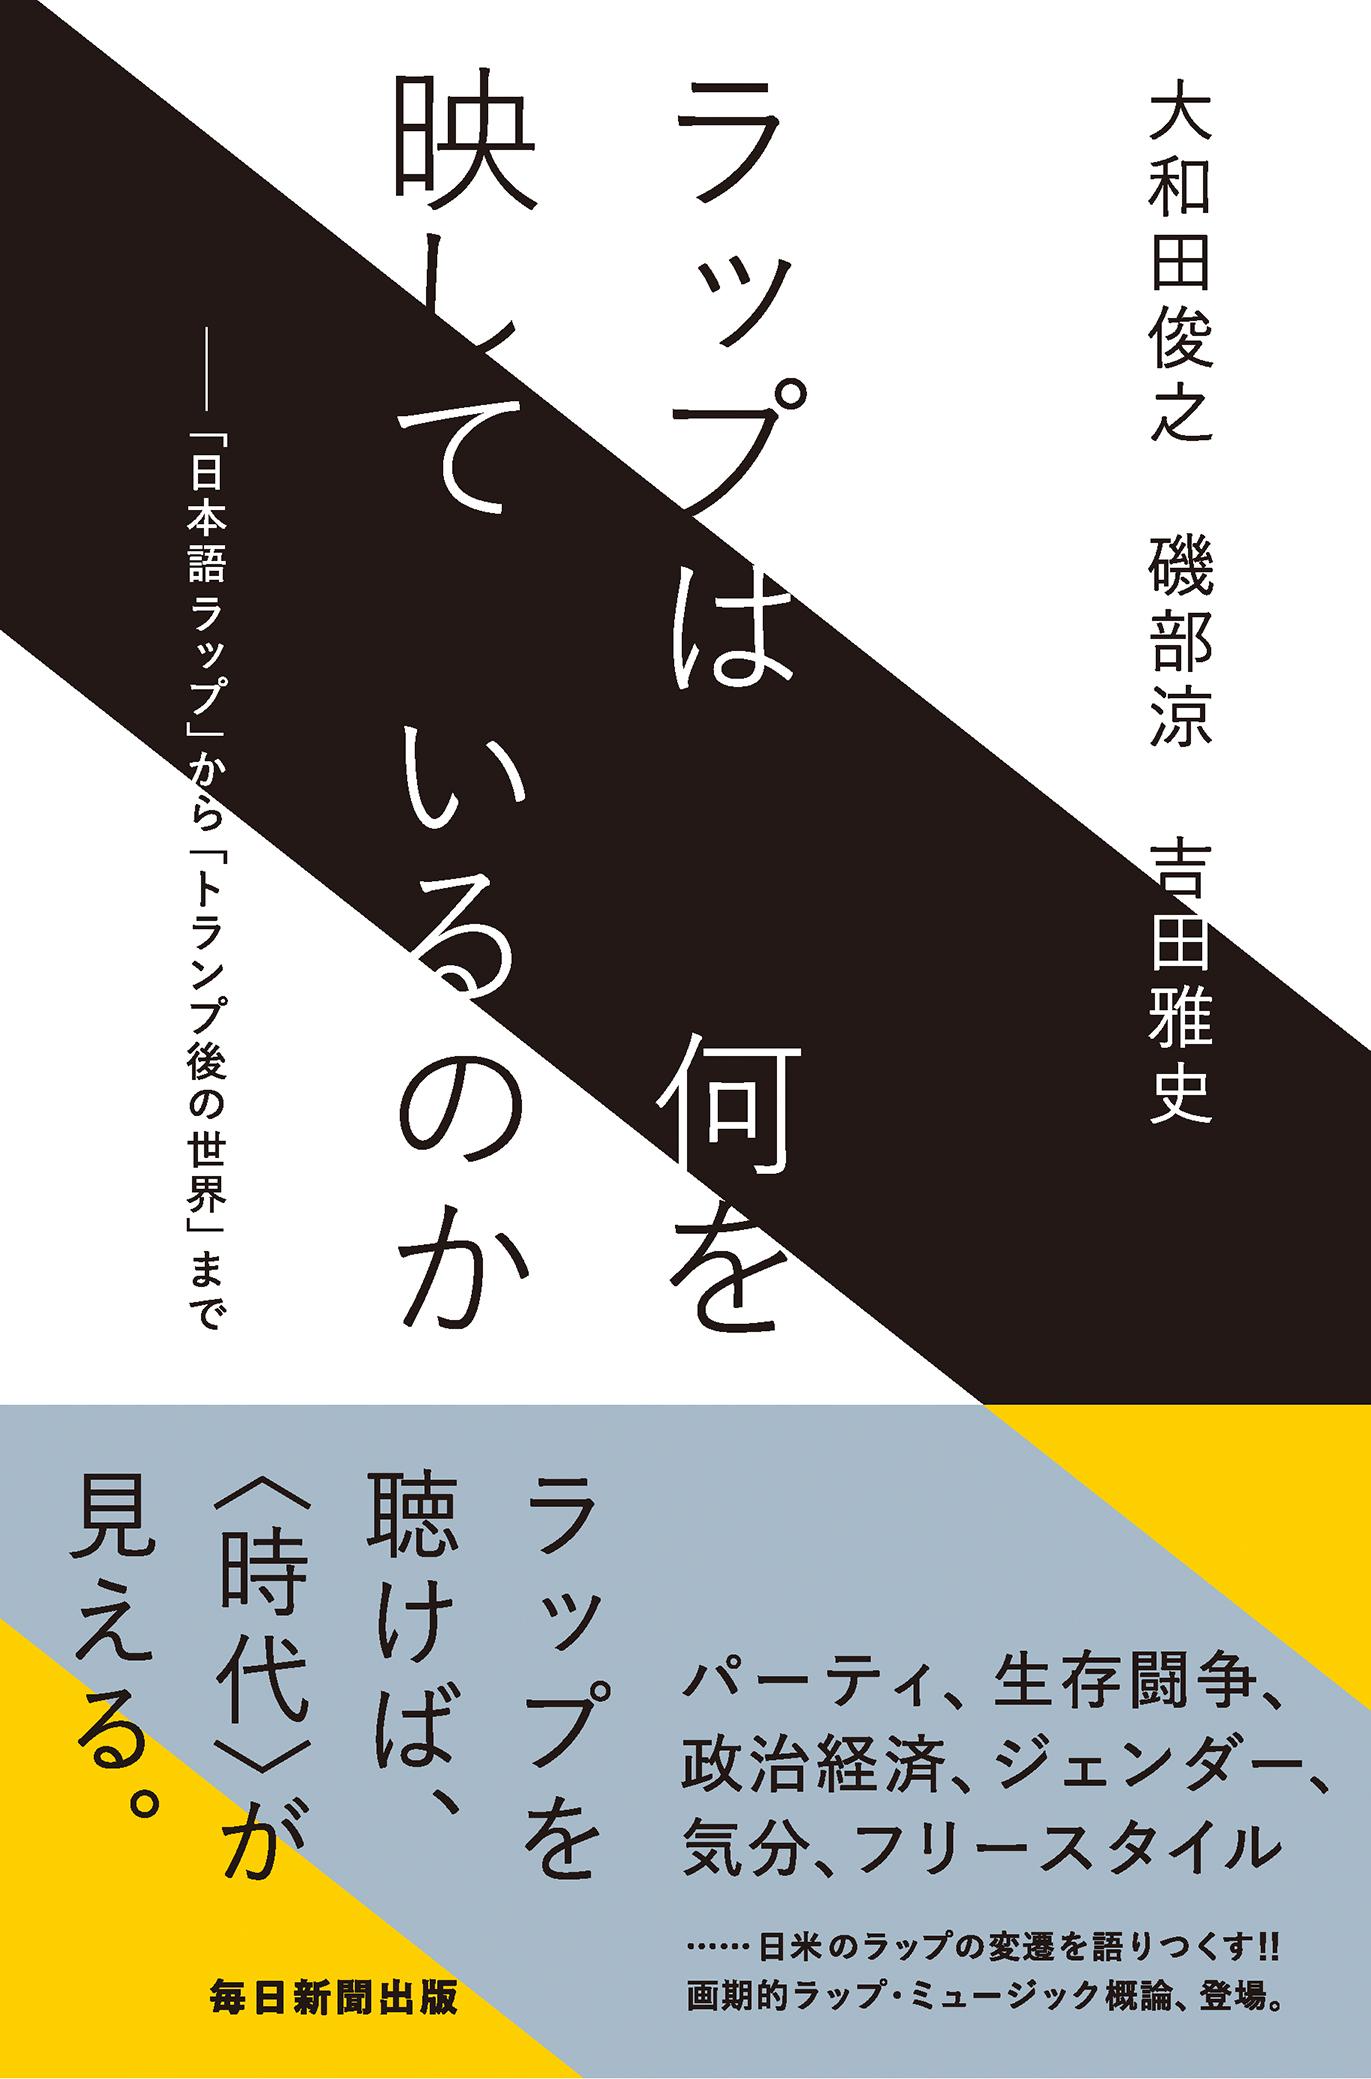 書影:ラップは何を映しているのか――「日本語ラップ」から「トランプ後の世界」まで